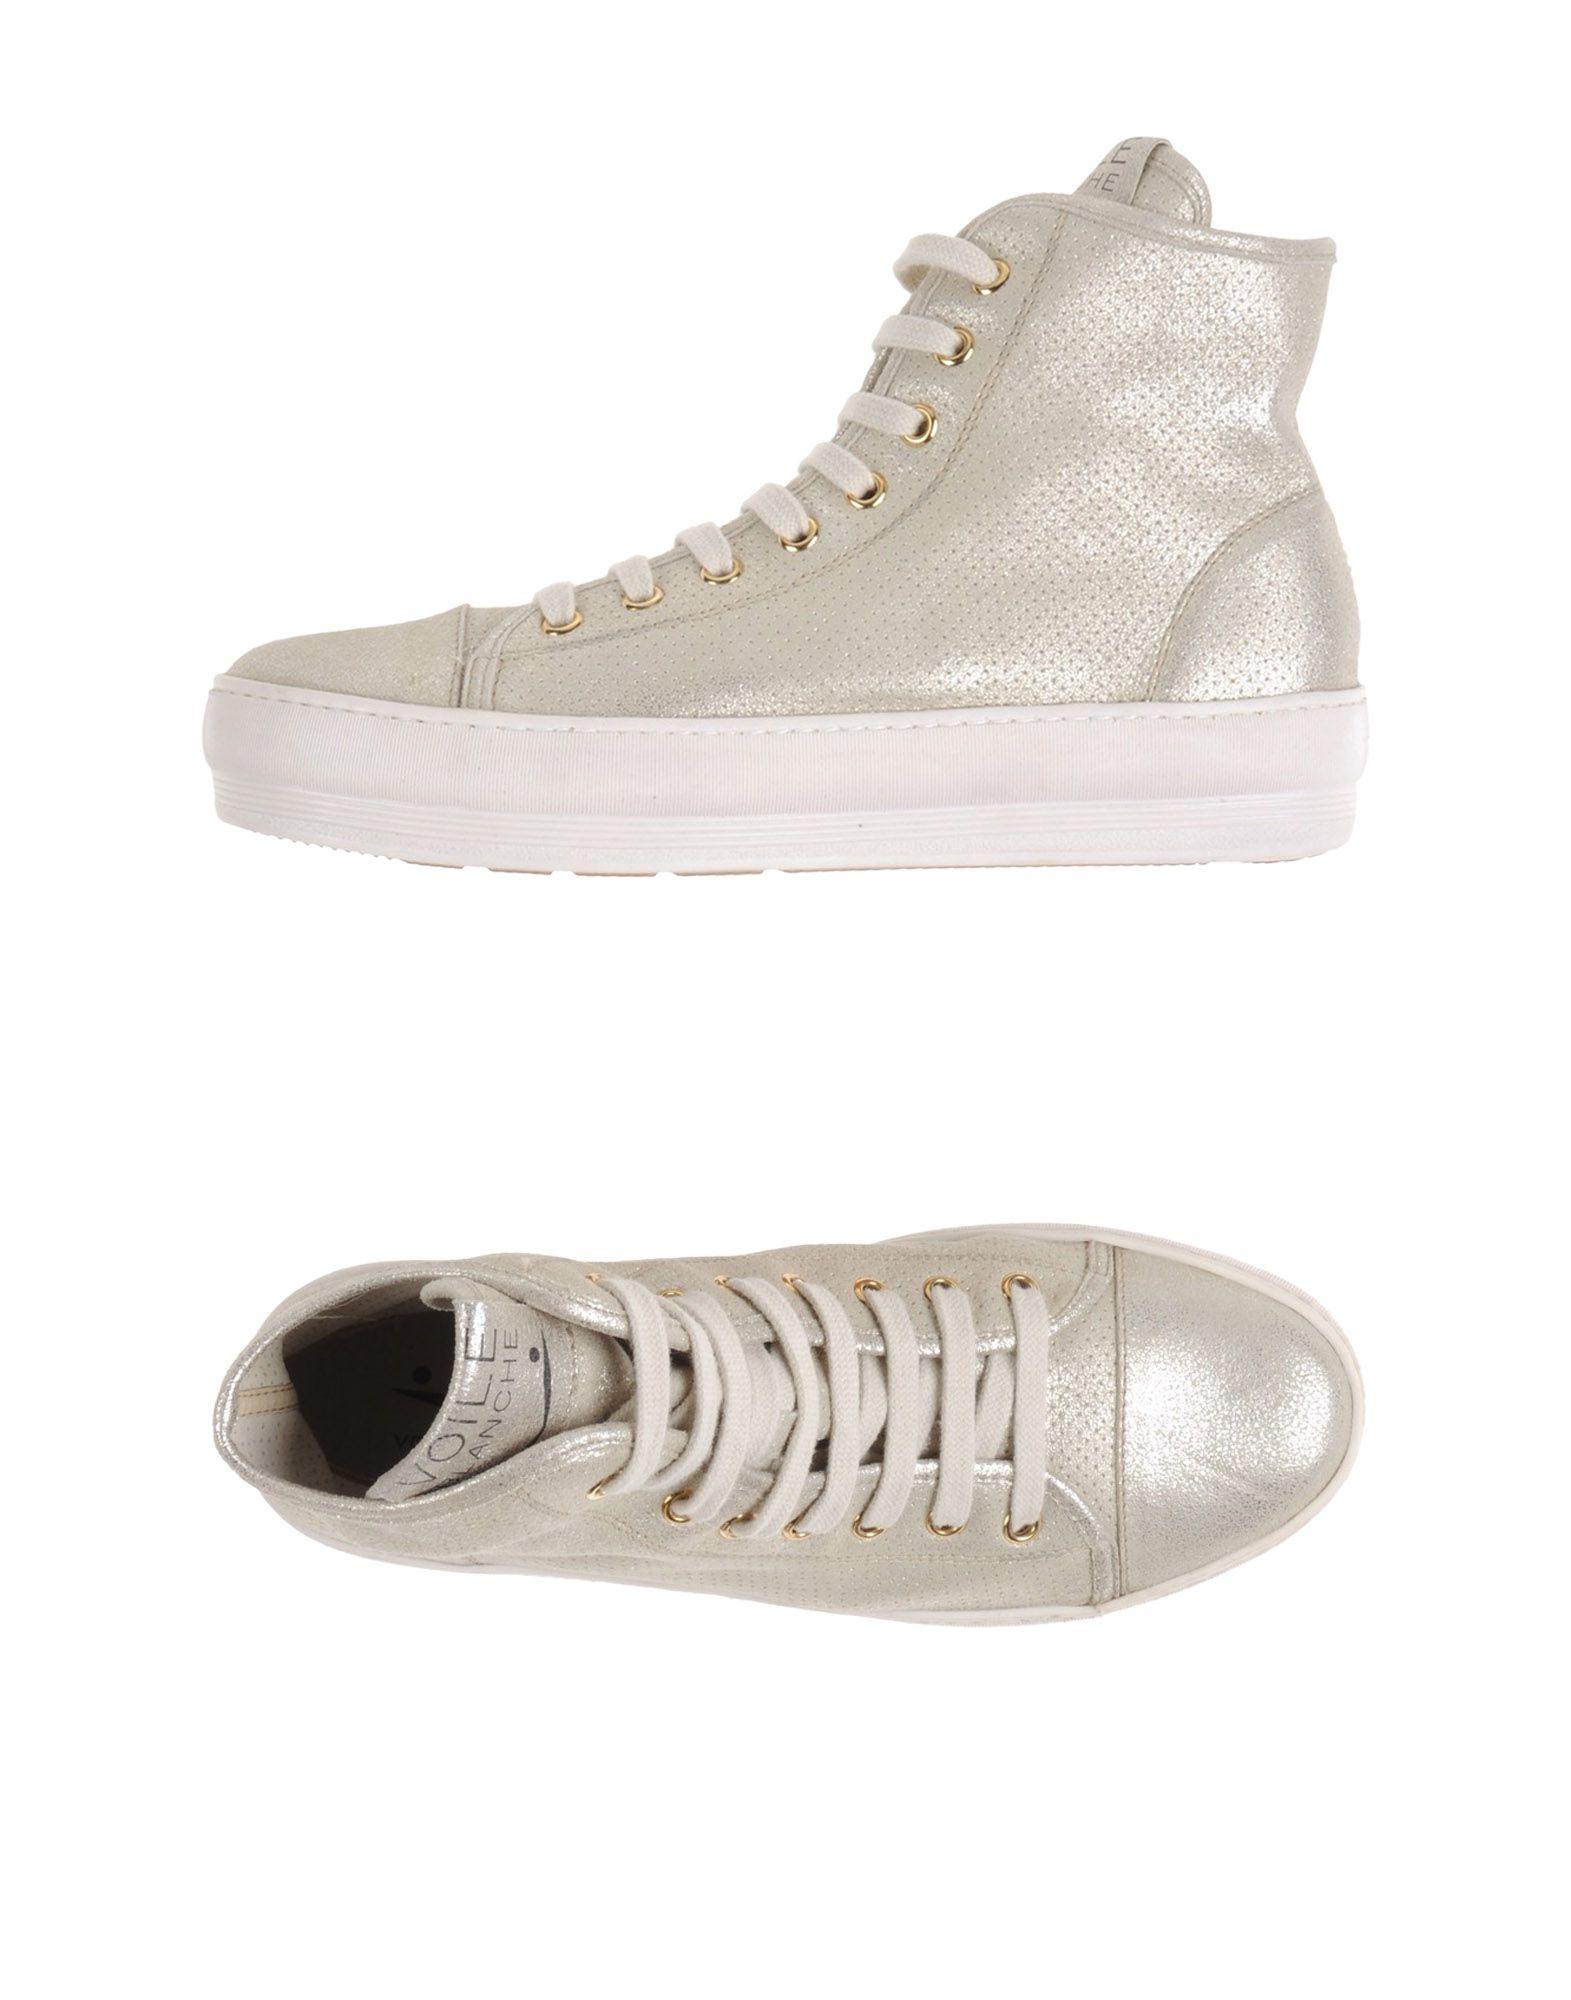 009 Nouvelle Moderne - Chaussures - Bas-tops Et Baskets Nouvel Équilibre wzla7rlaID